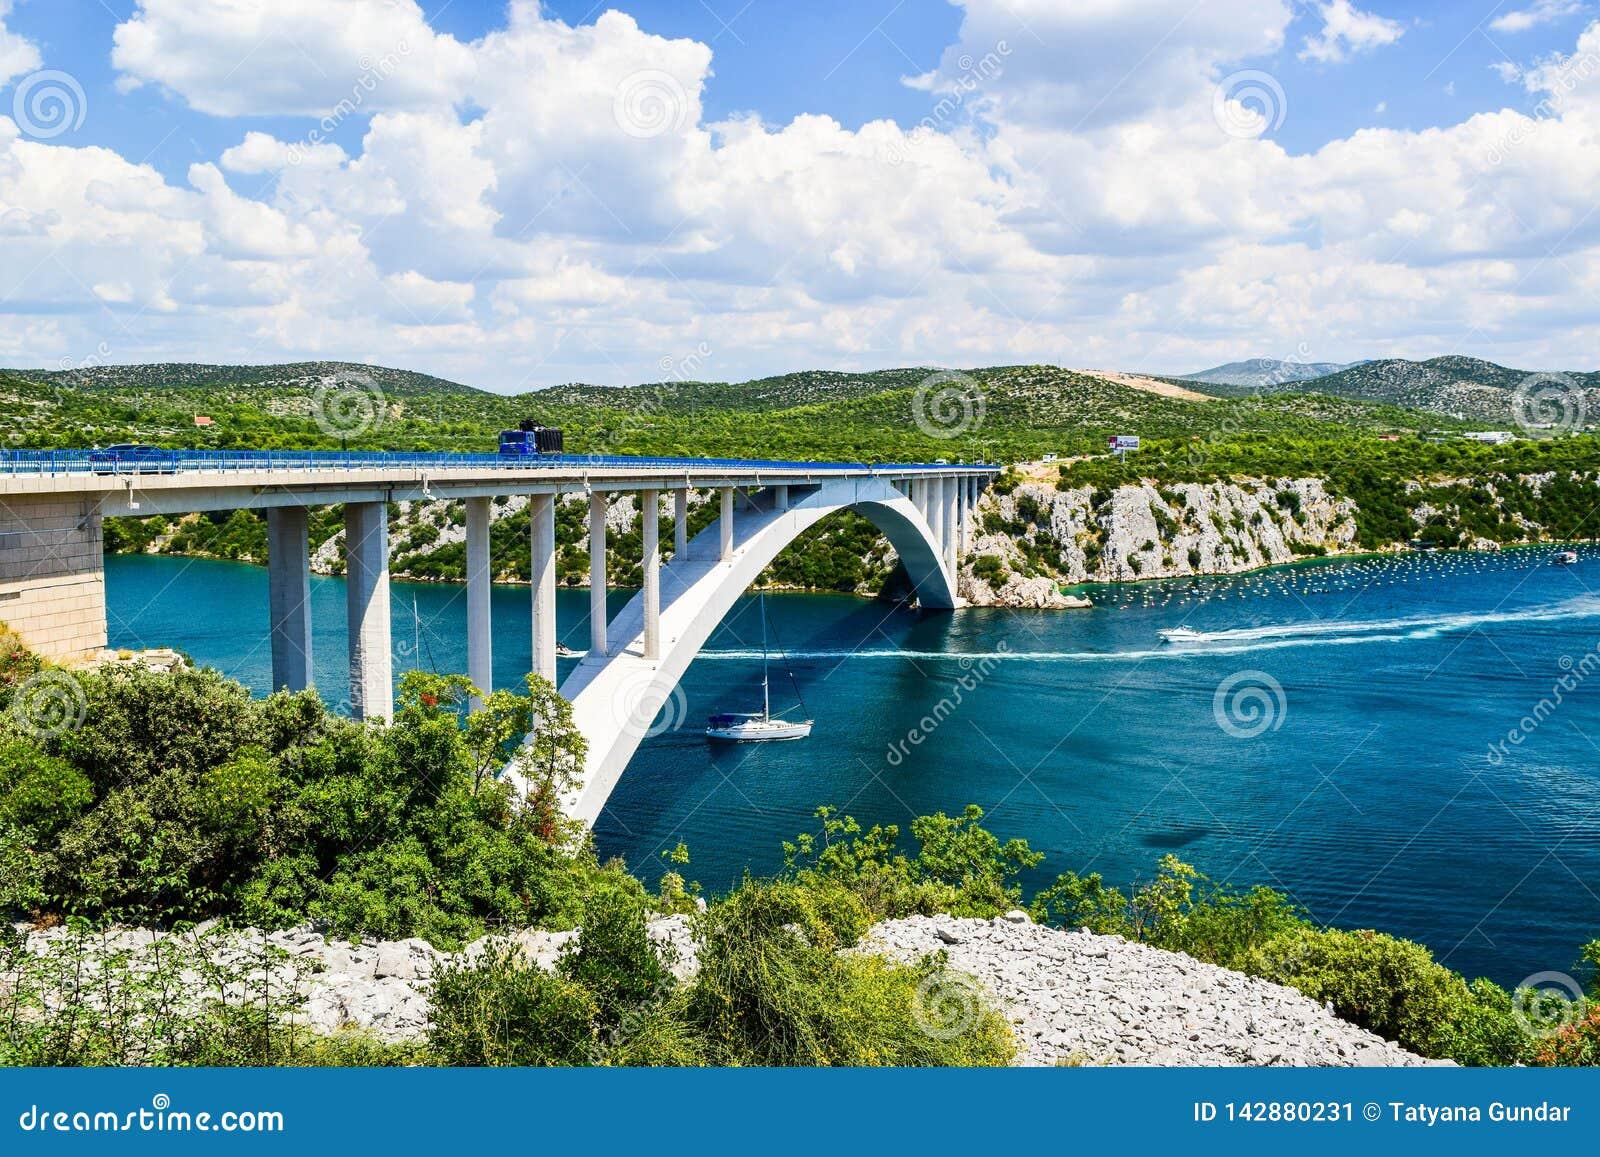 The Krka Bridge in Croatia